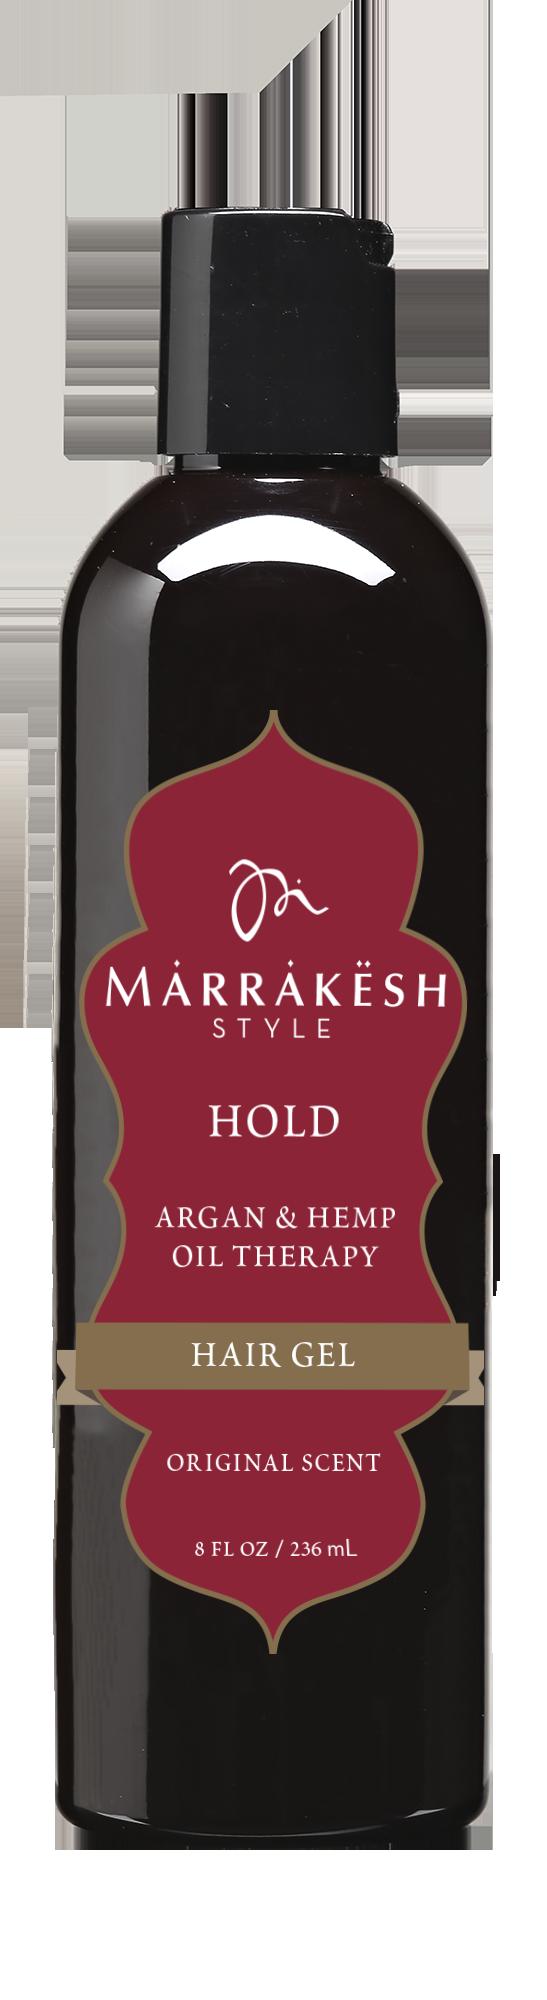 MARRAKESH Гель для укладки / Marrakesh Styling Holding Gel 236 млГели<br>Гель для укладки Marrakesh придает волосам блеск, гладкость и невероятный контроль. Создает укладку без ощущения жесткости и склеивания. Масло Арганы и семян Конопли смягчает волосы. Позволяет создать четкие, гладкие волны, контролирует укладку в течение всего дня. Способ применения: нанести на влажные или сухие волосы. Приступить к укладке.<br><br>Объем: 236 мл